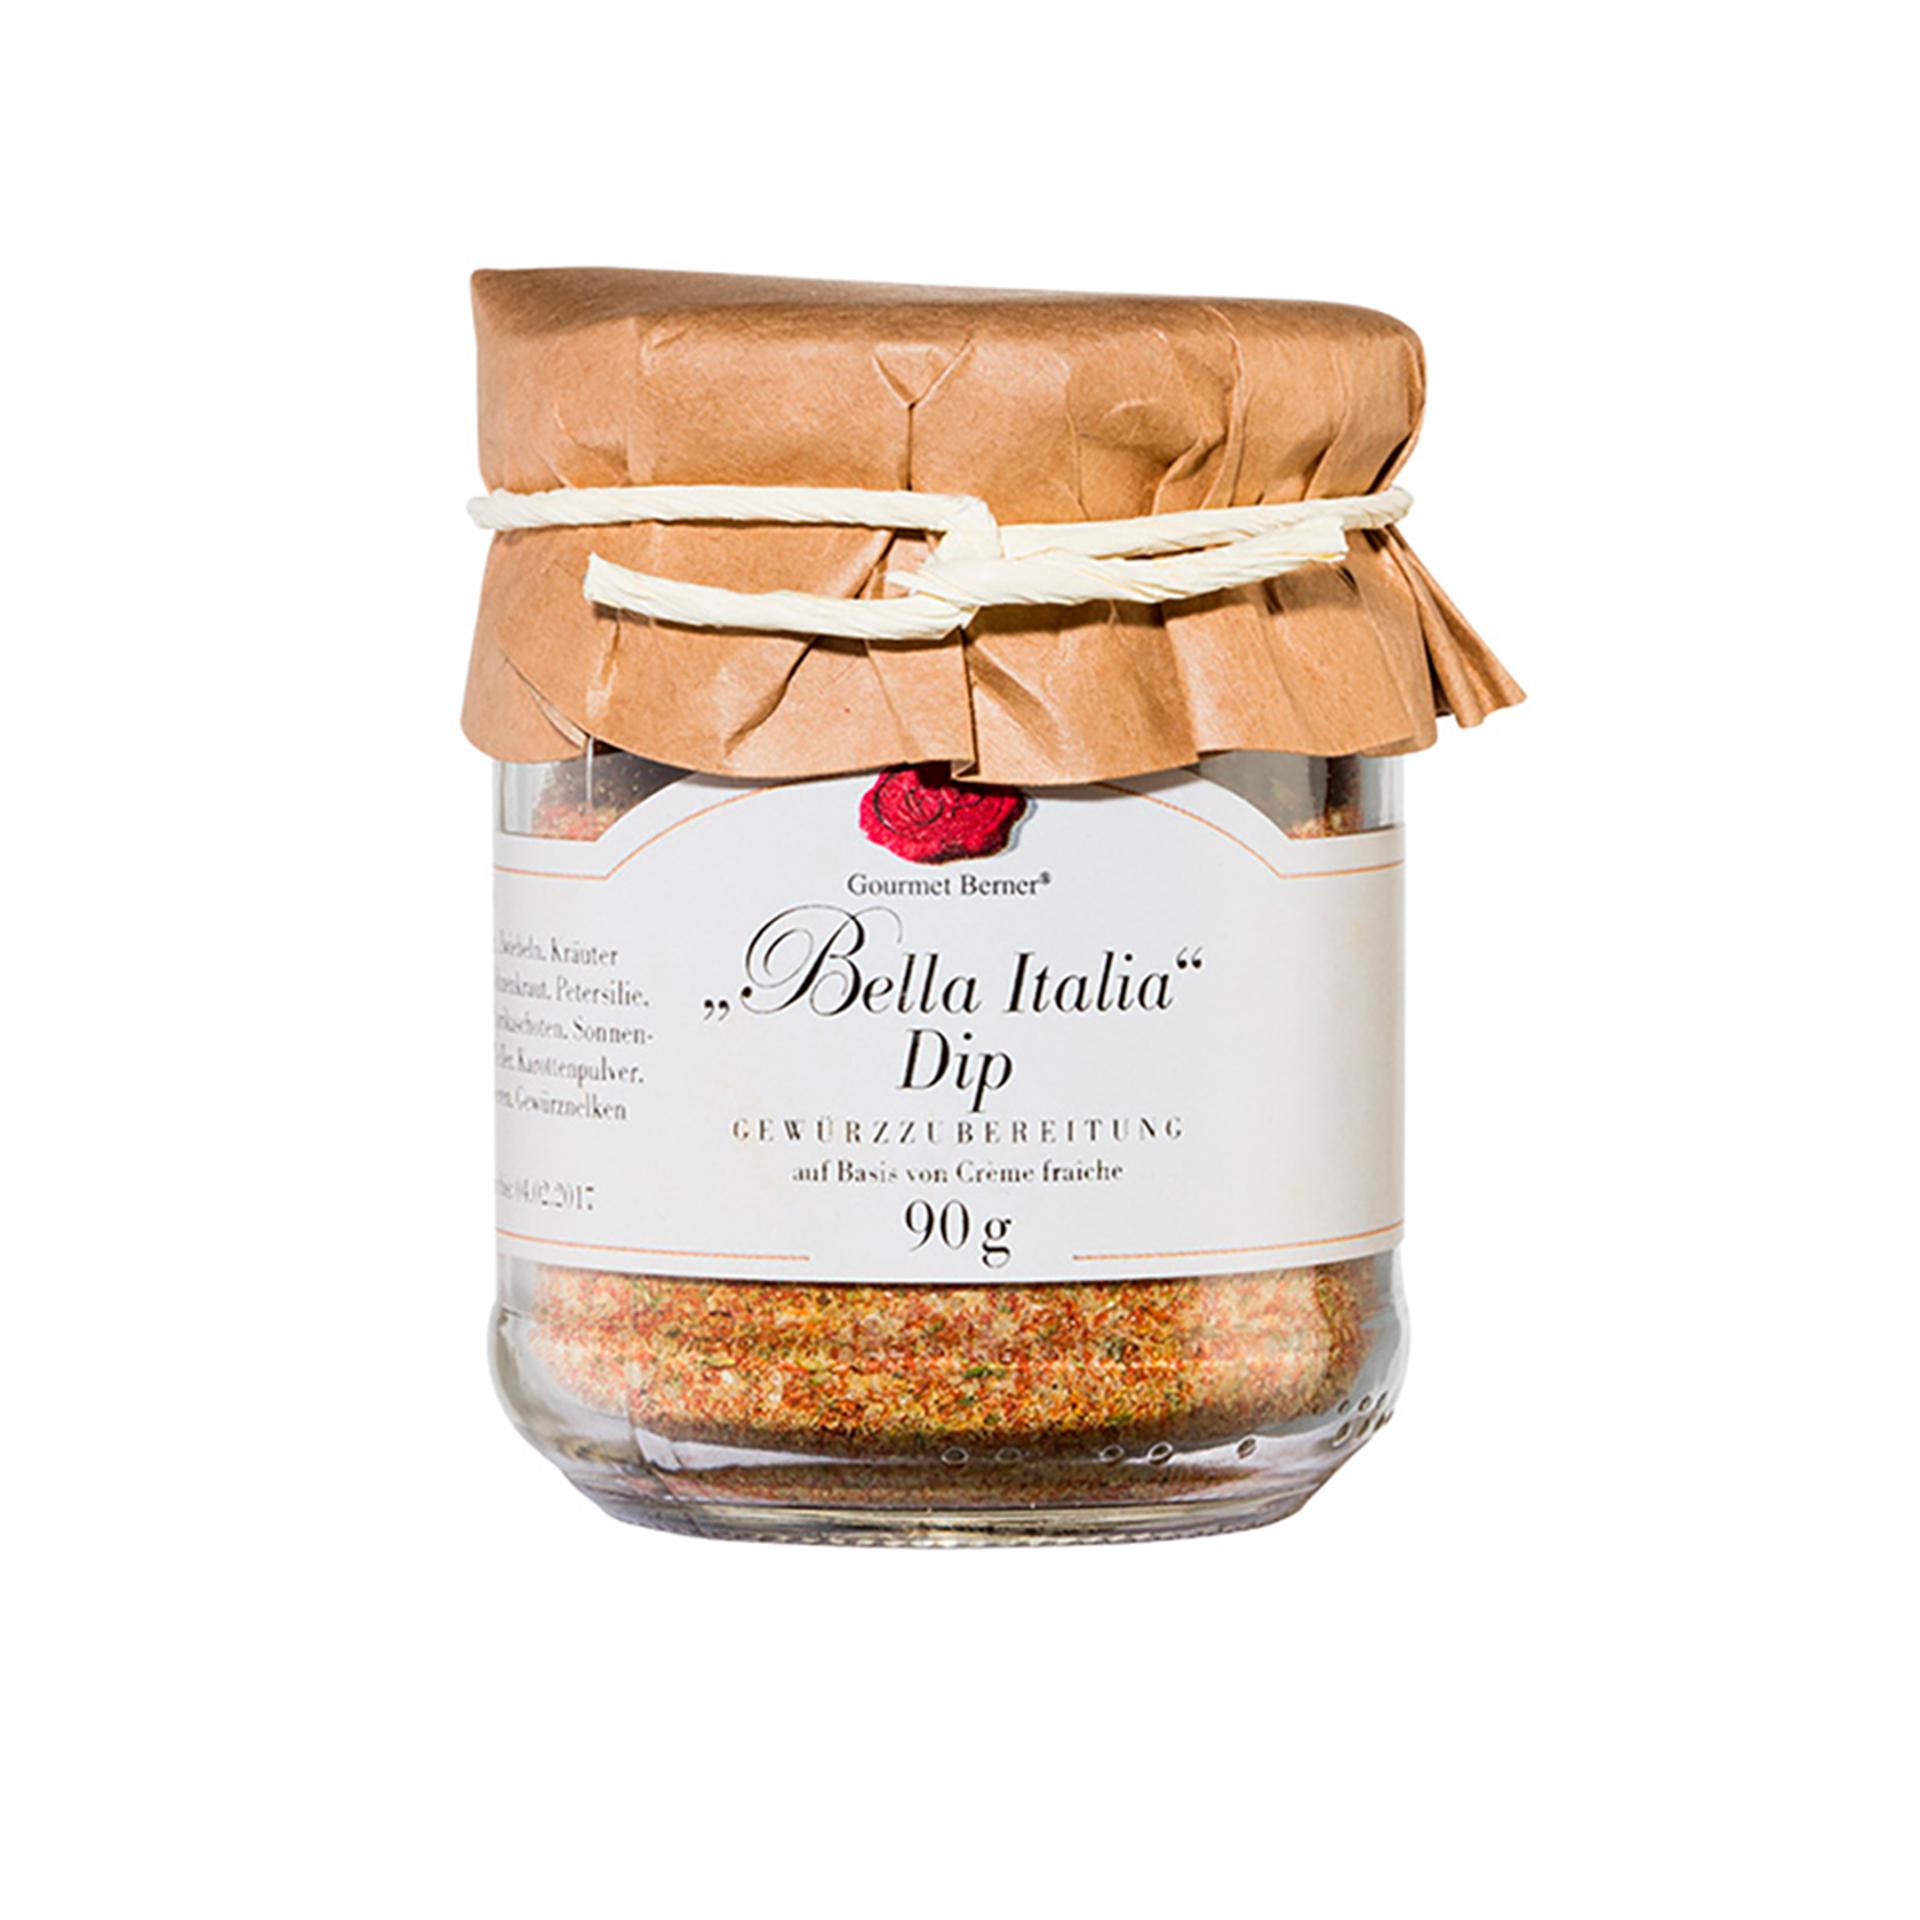 Gourmet Berner - Bella Italia Dip, 90g Glas